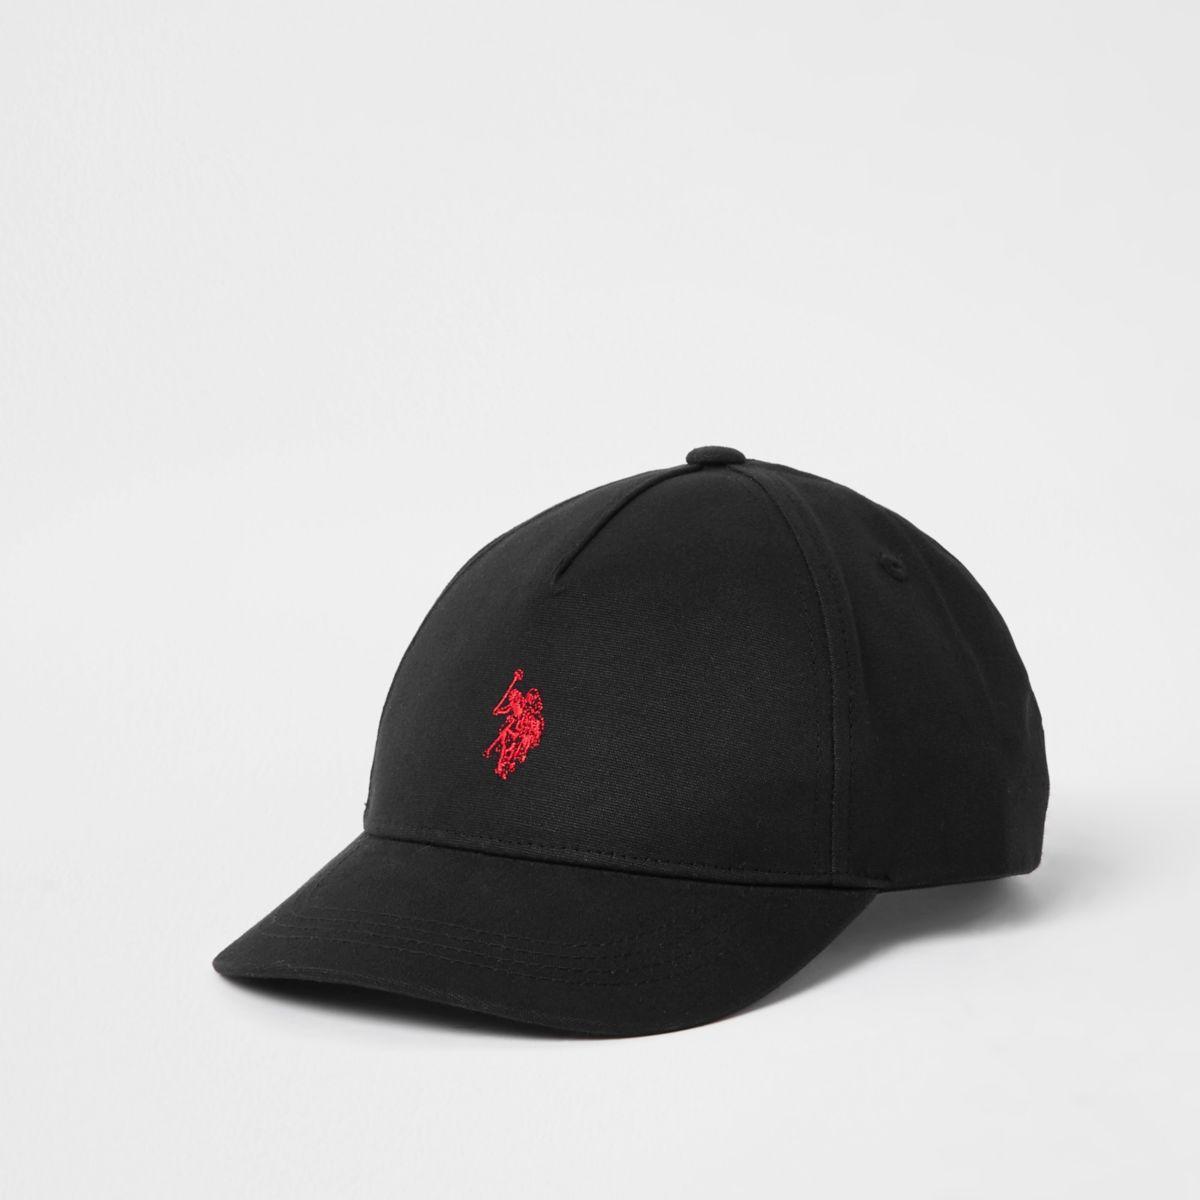 Boys black U.S. Polo Assn. cap